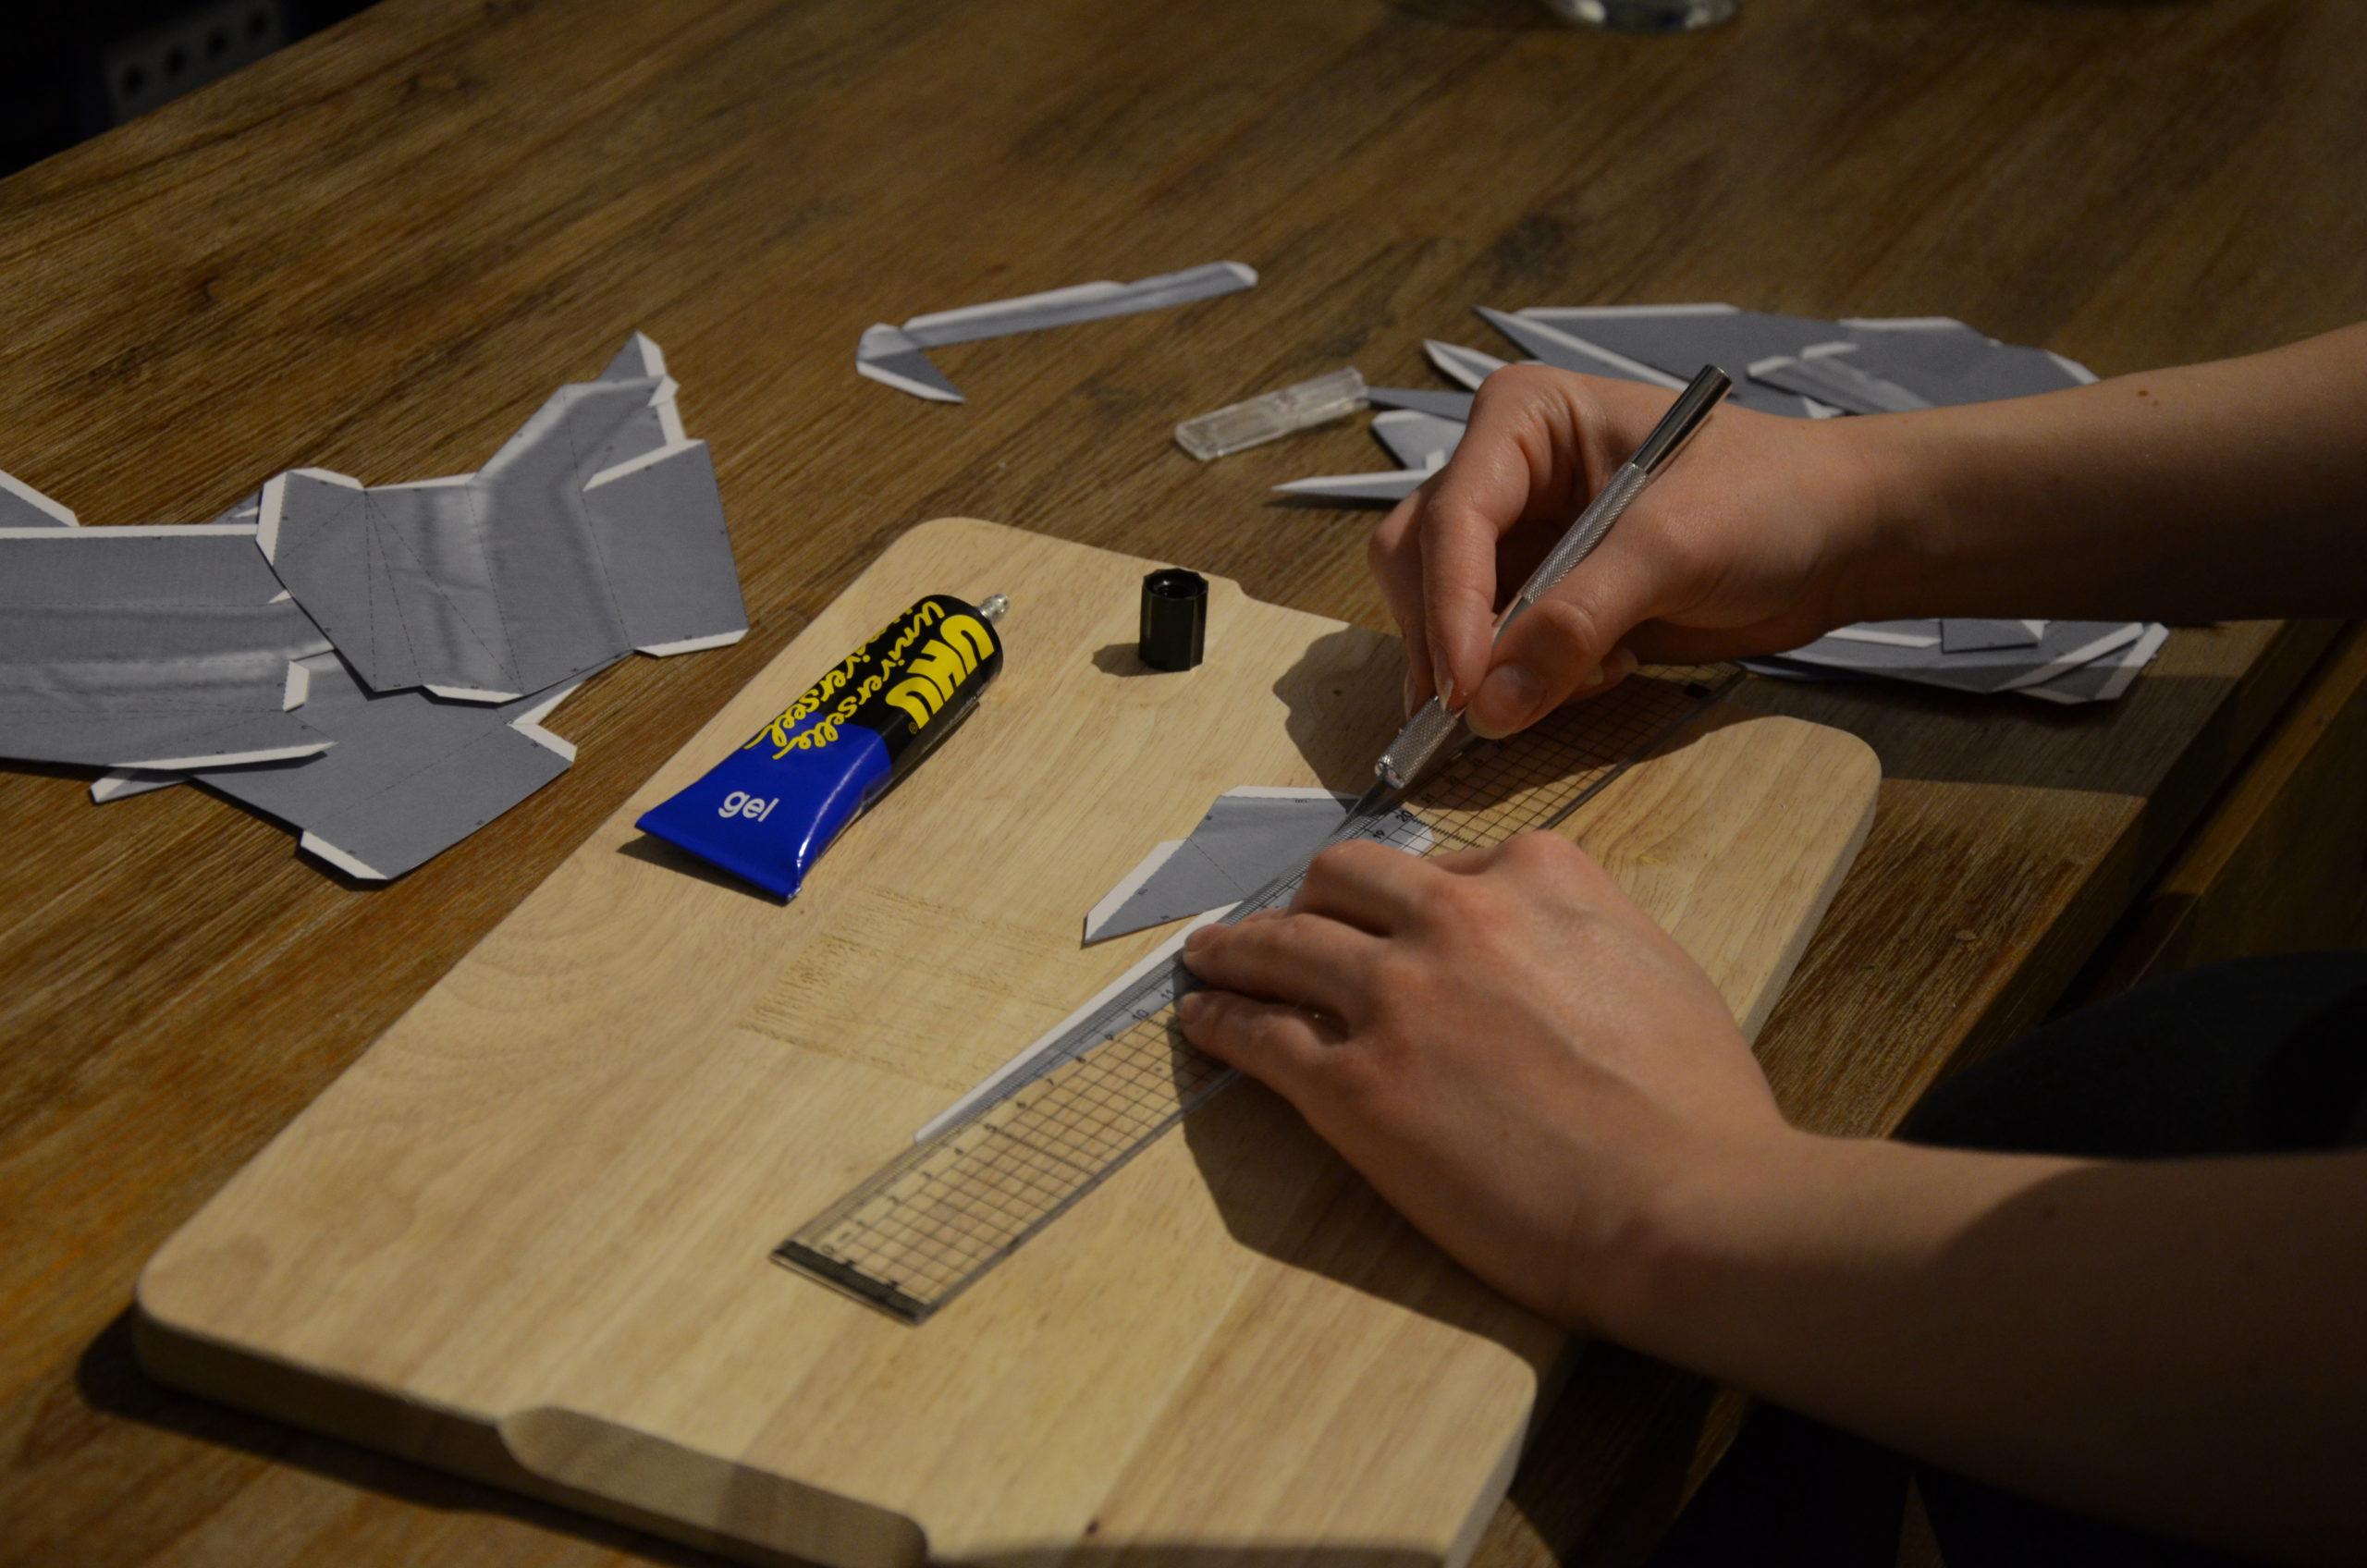 pepakura cosplay glue